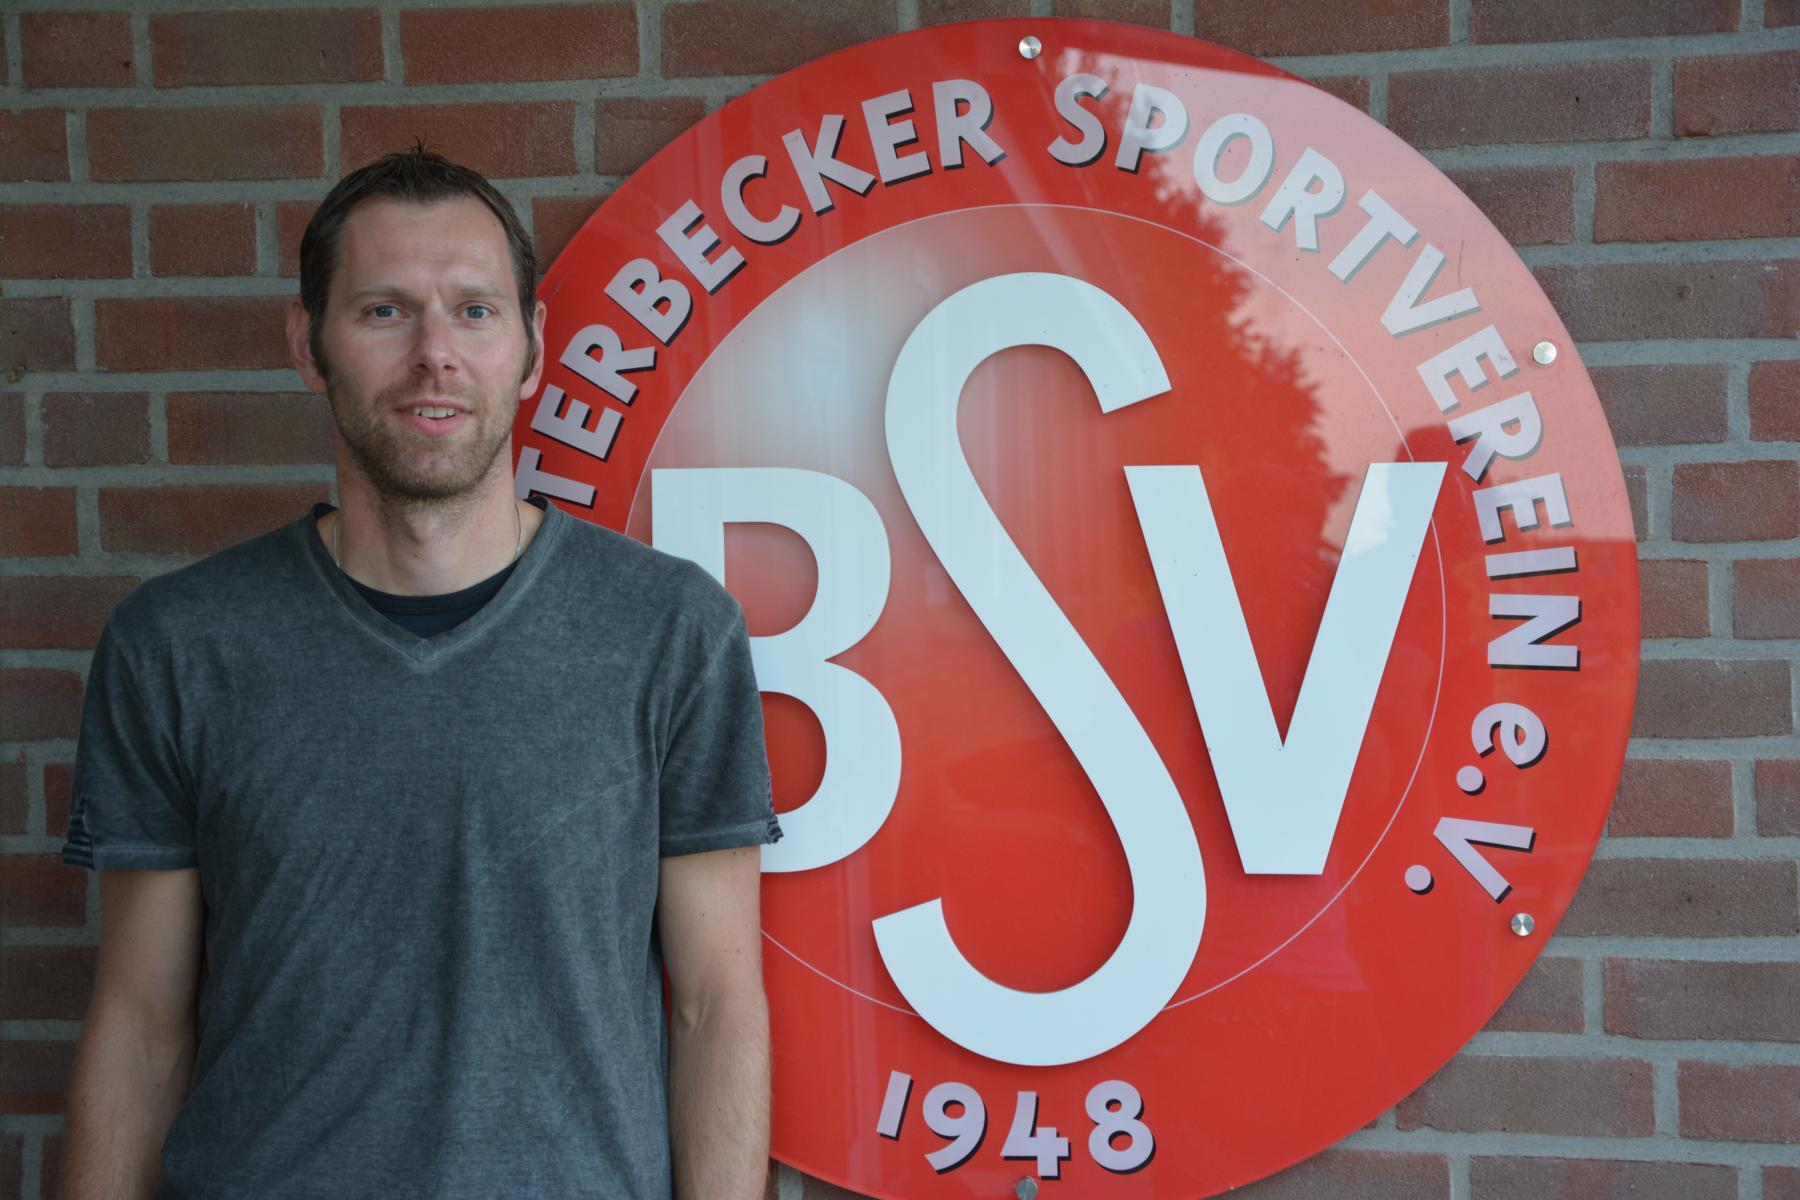 Christian Voelkert